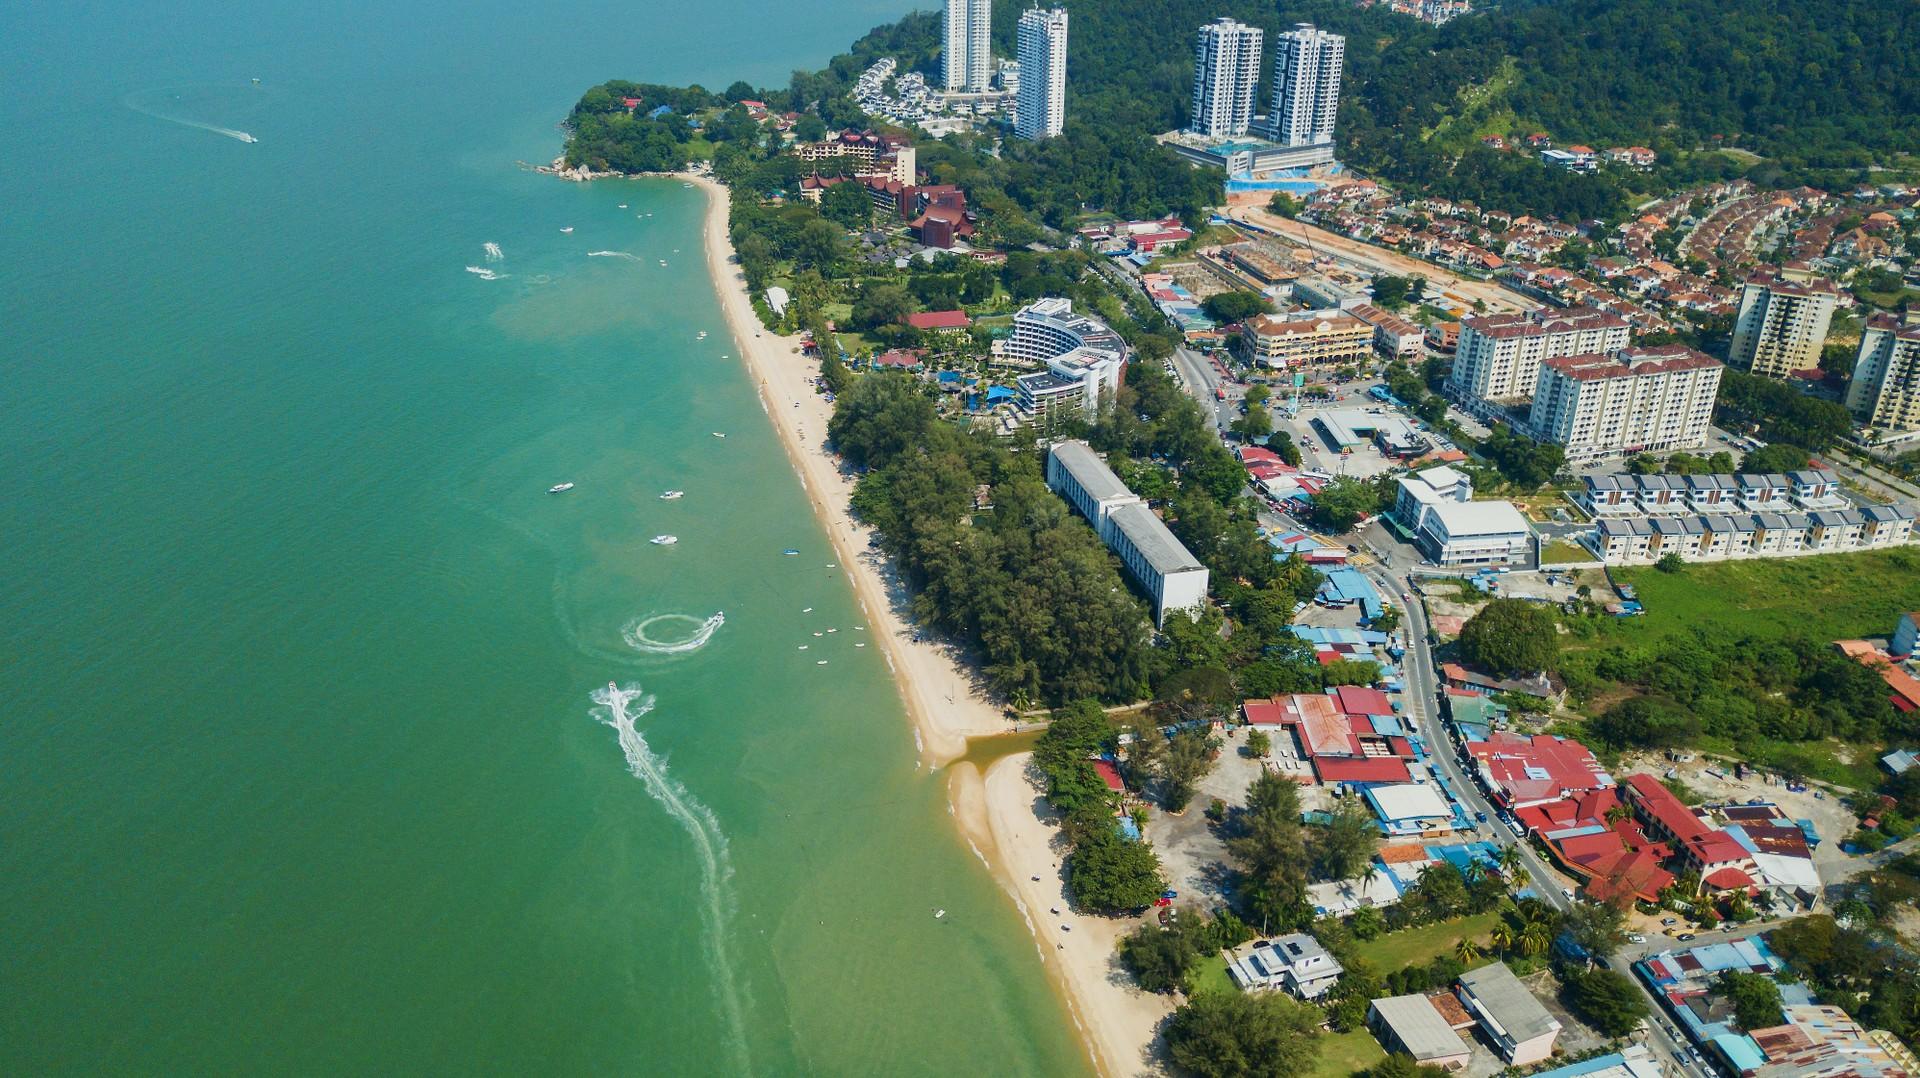 Aerial view of Batu Ferringhi Beach